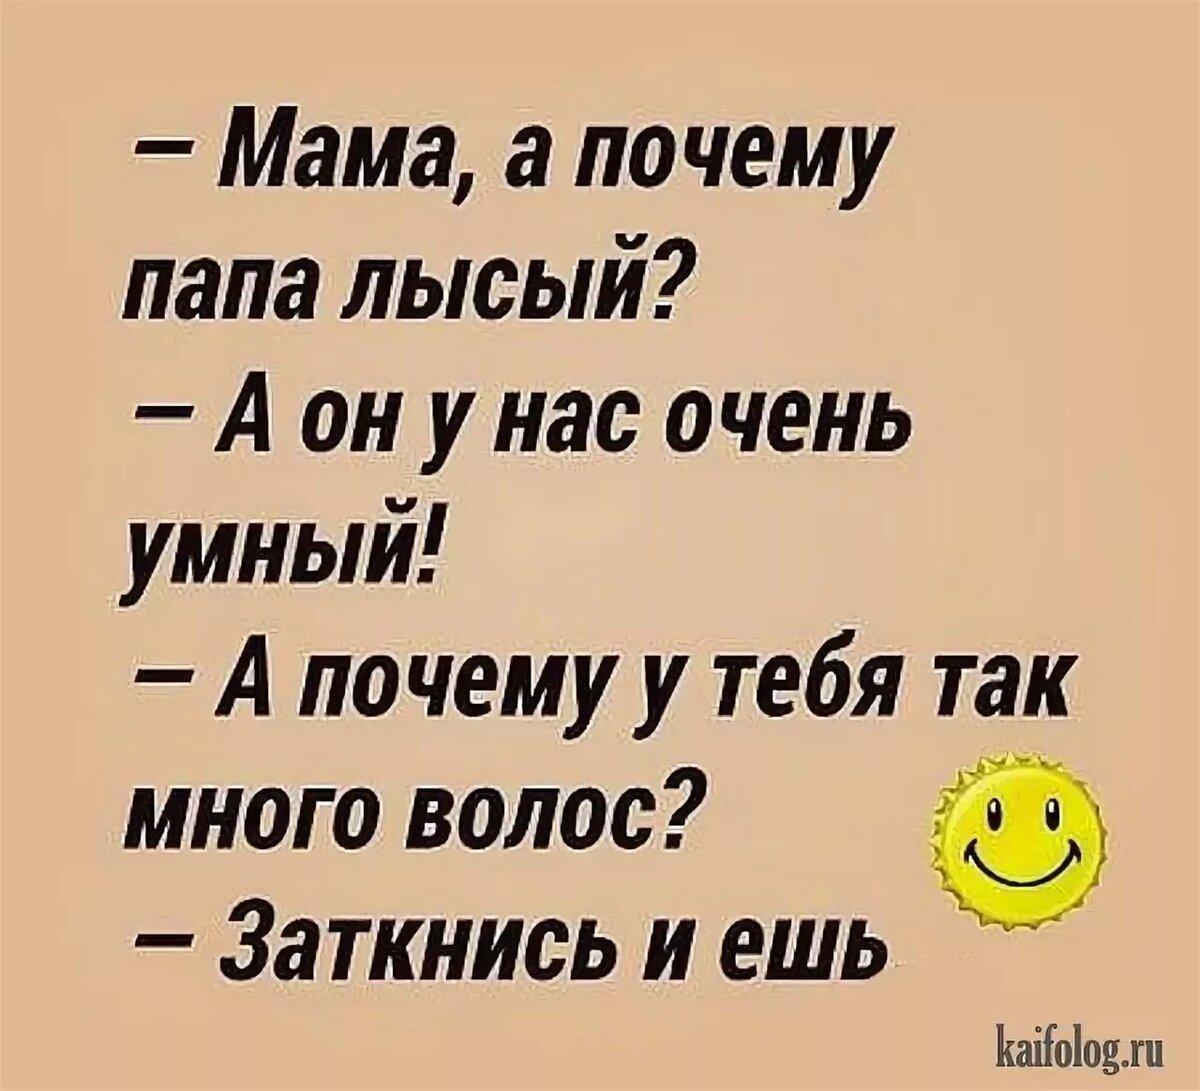 Картинки смешные с надписями анекдоты, россии